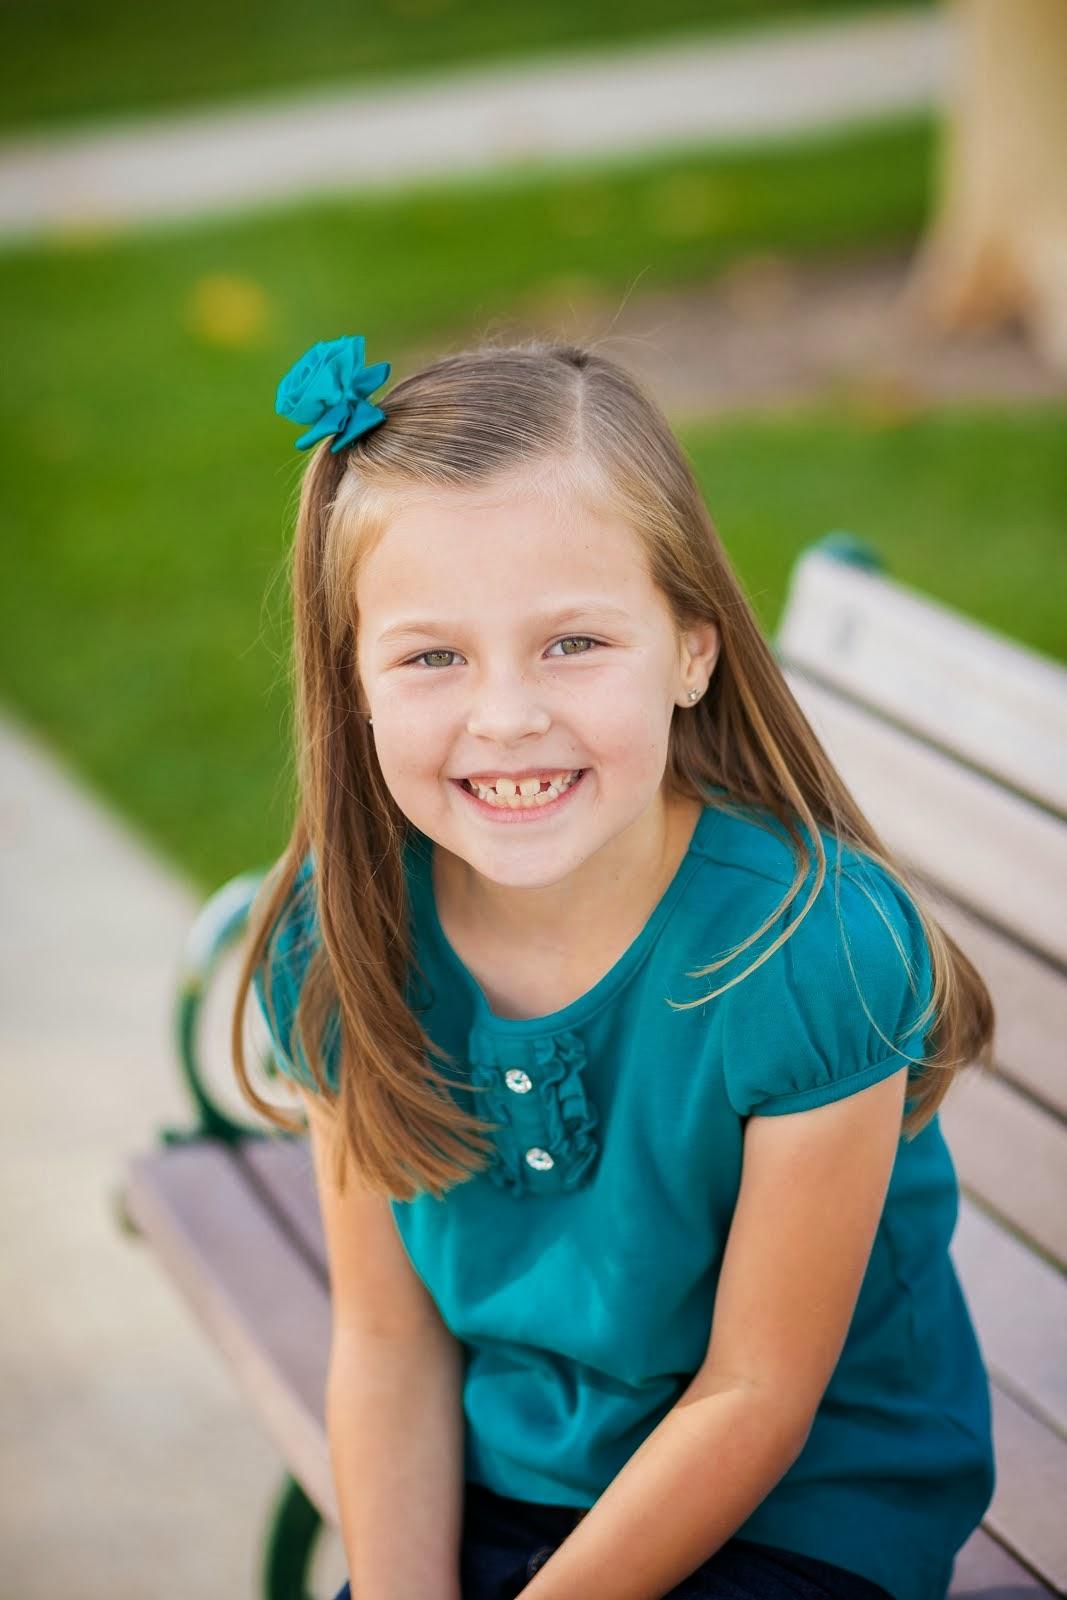 Sadie - 7 years